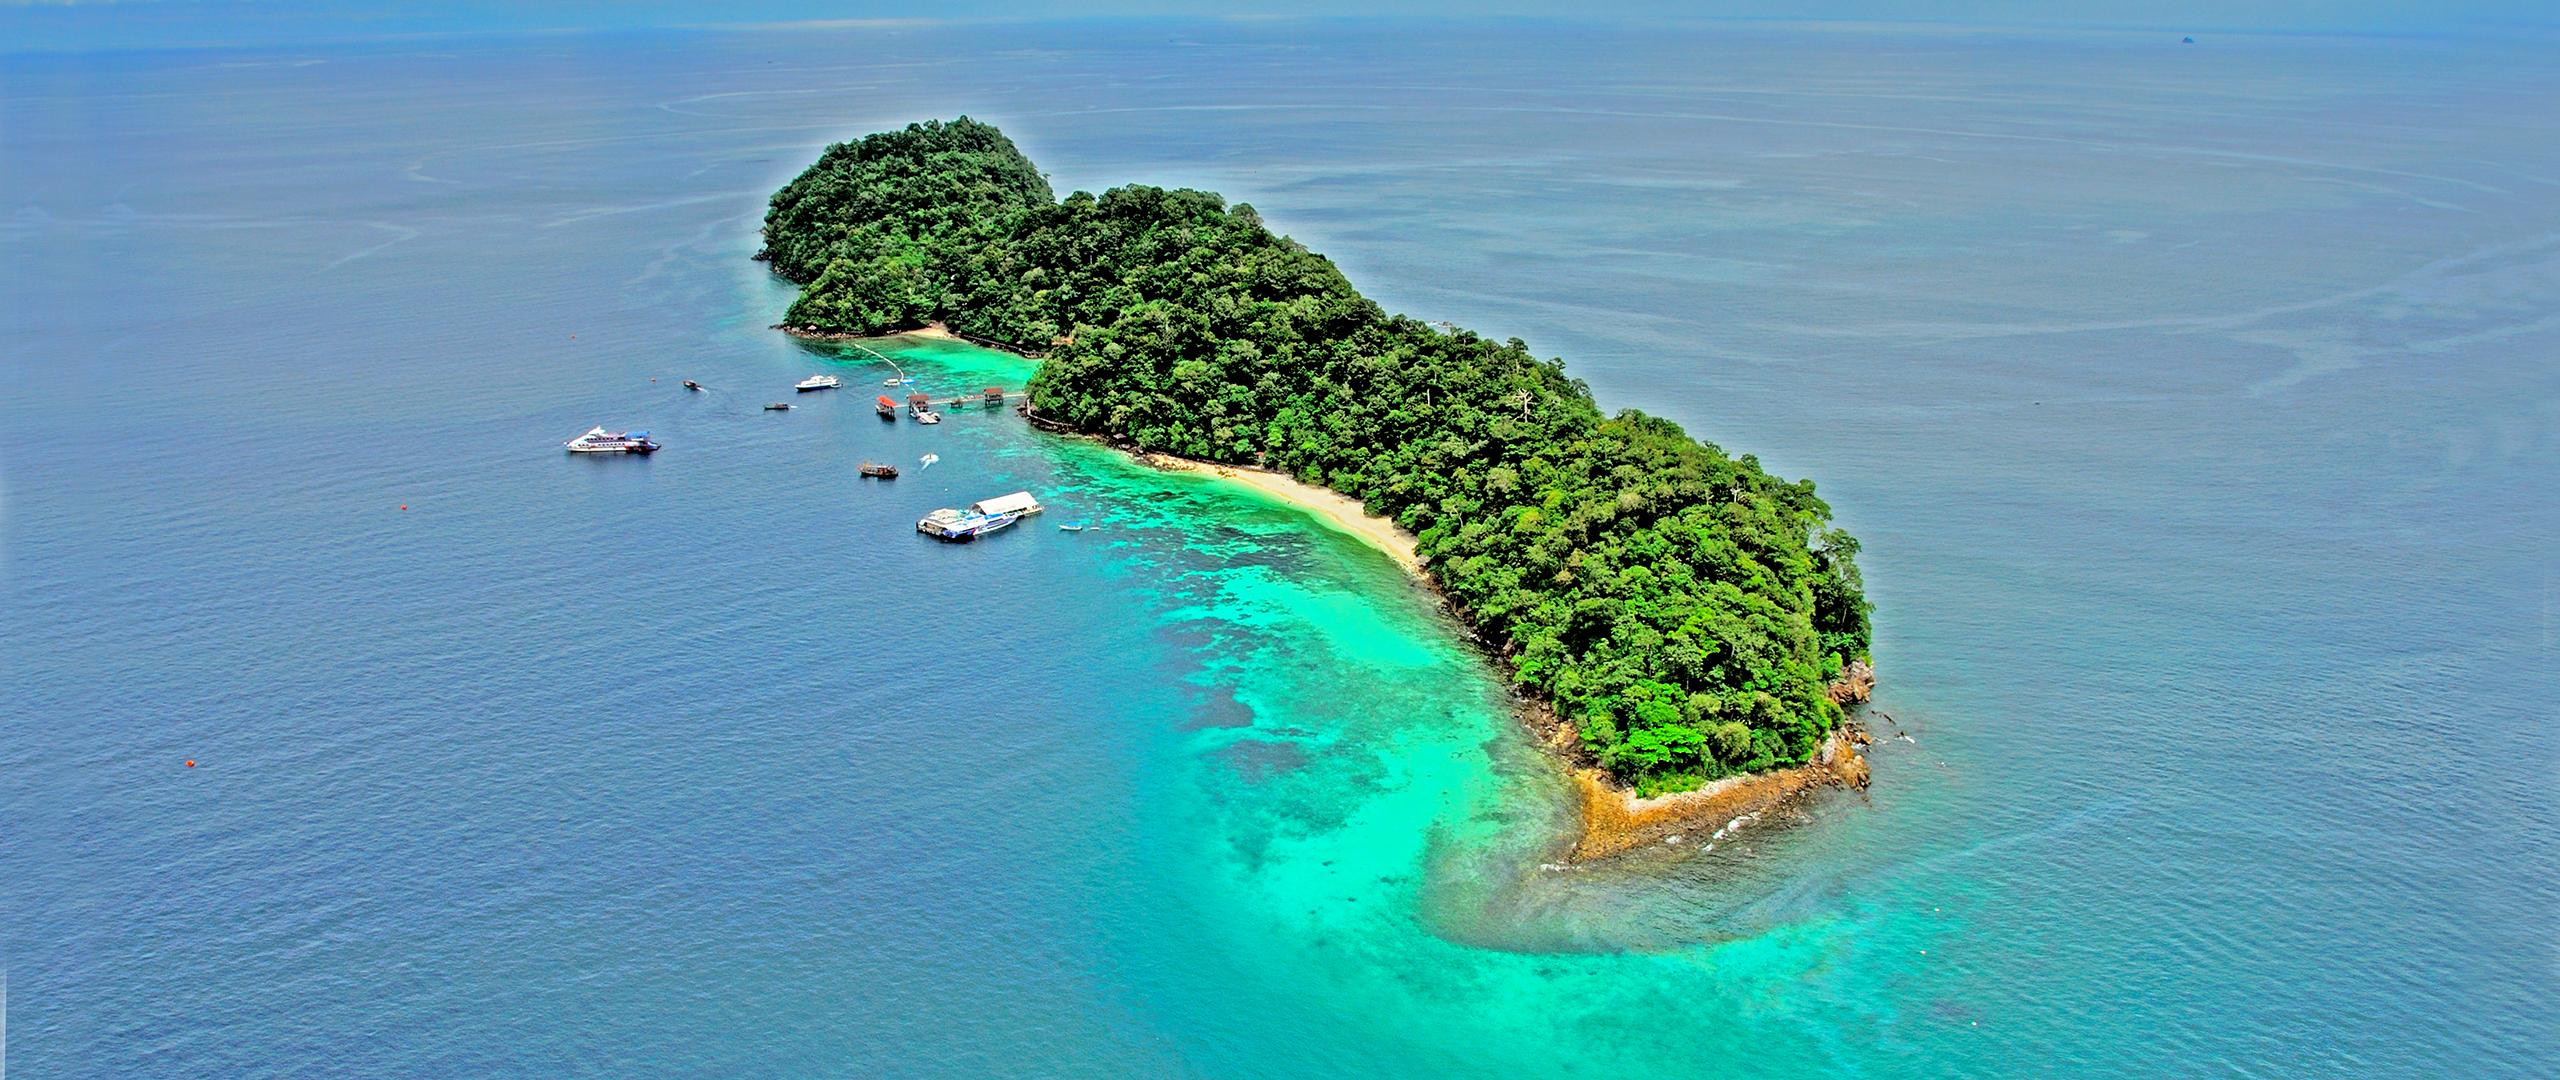 Mořský park Pulau Payar